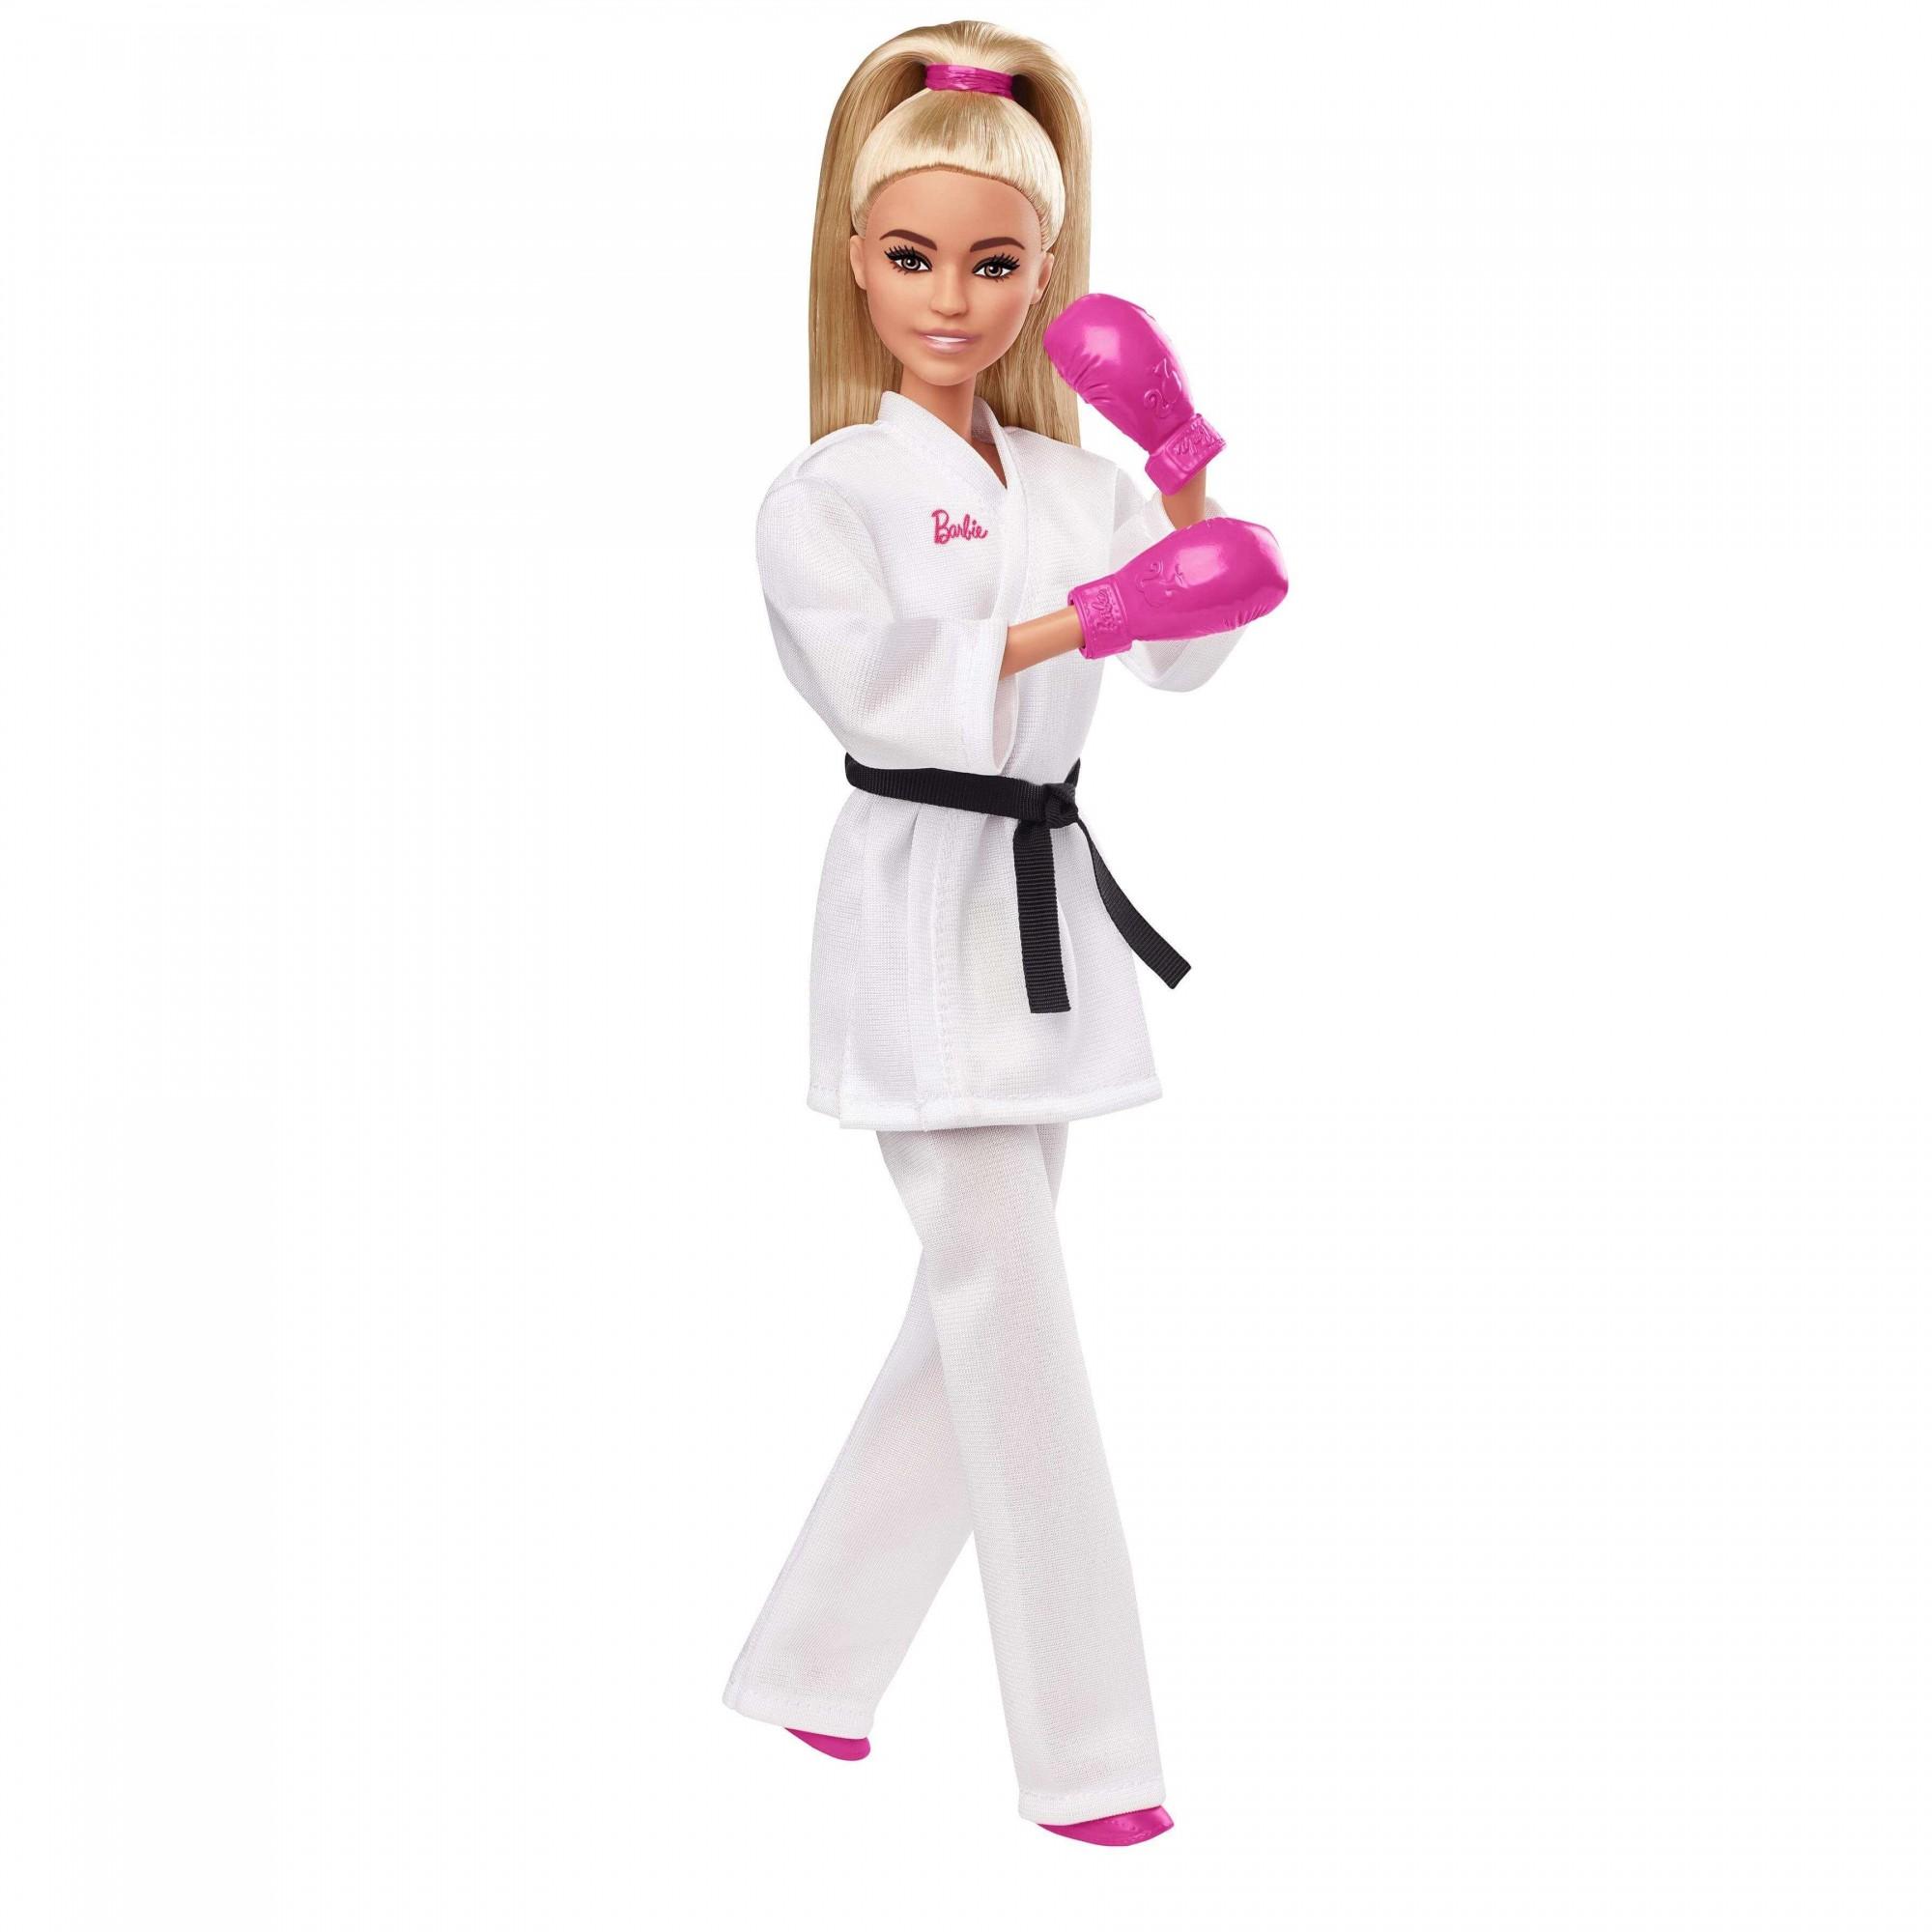 Boneca Barbie Esportista Olimpica GJL73 Mattel